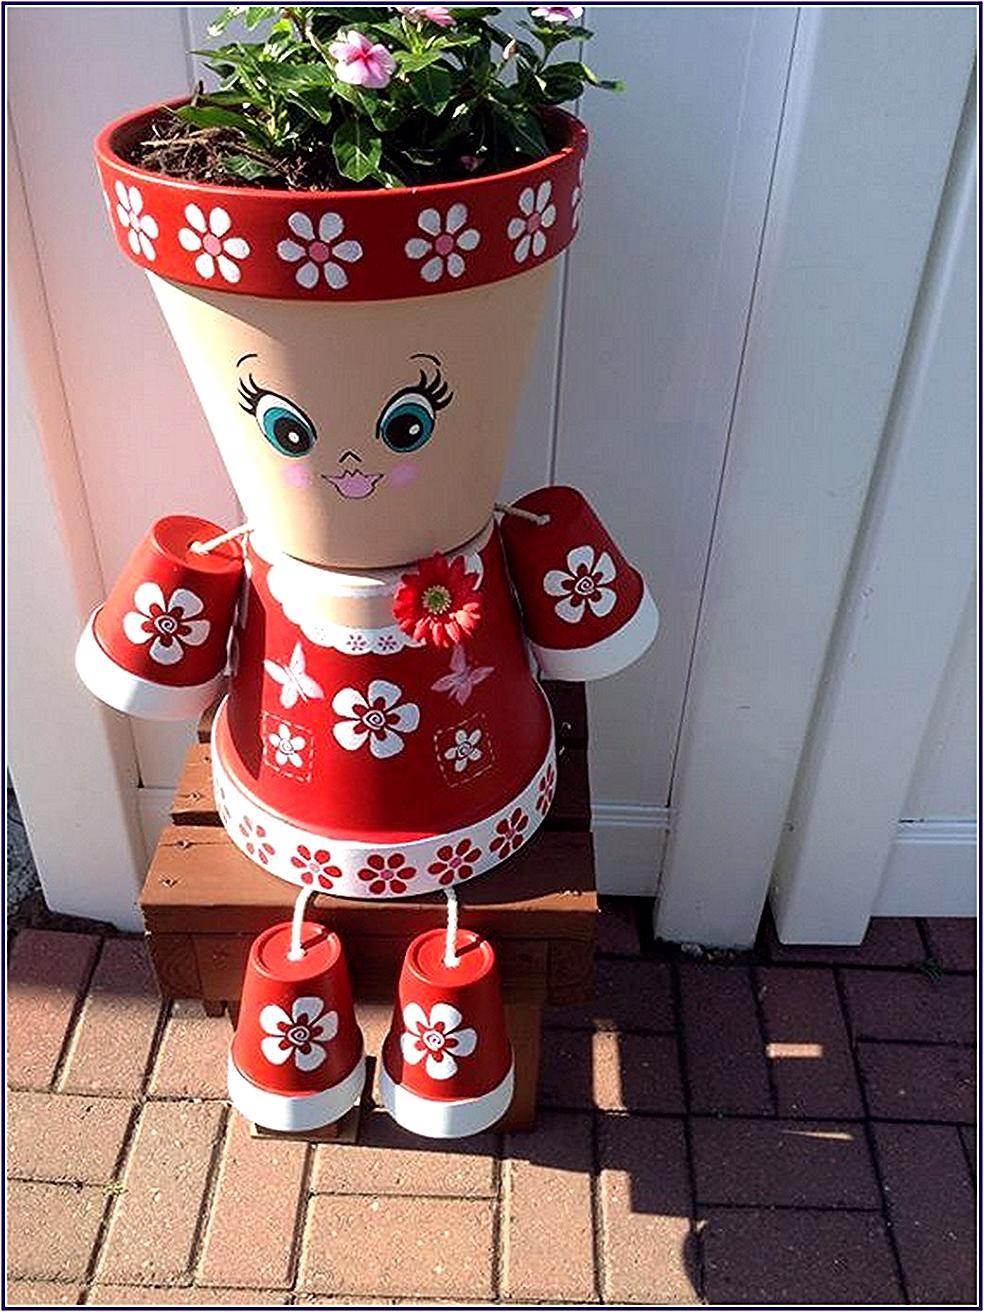 Pot Bunga In 2020 Flower Pot Crafts Clay Pot Crafts